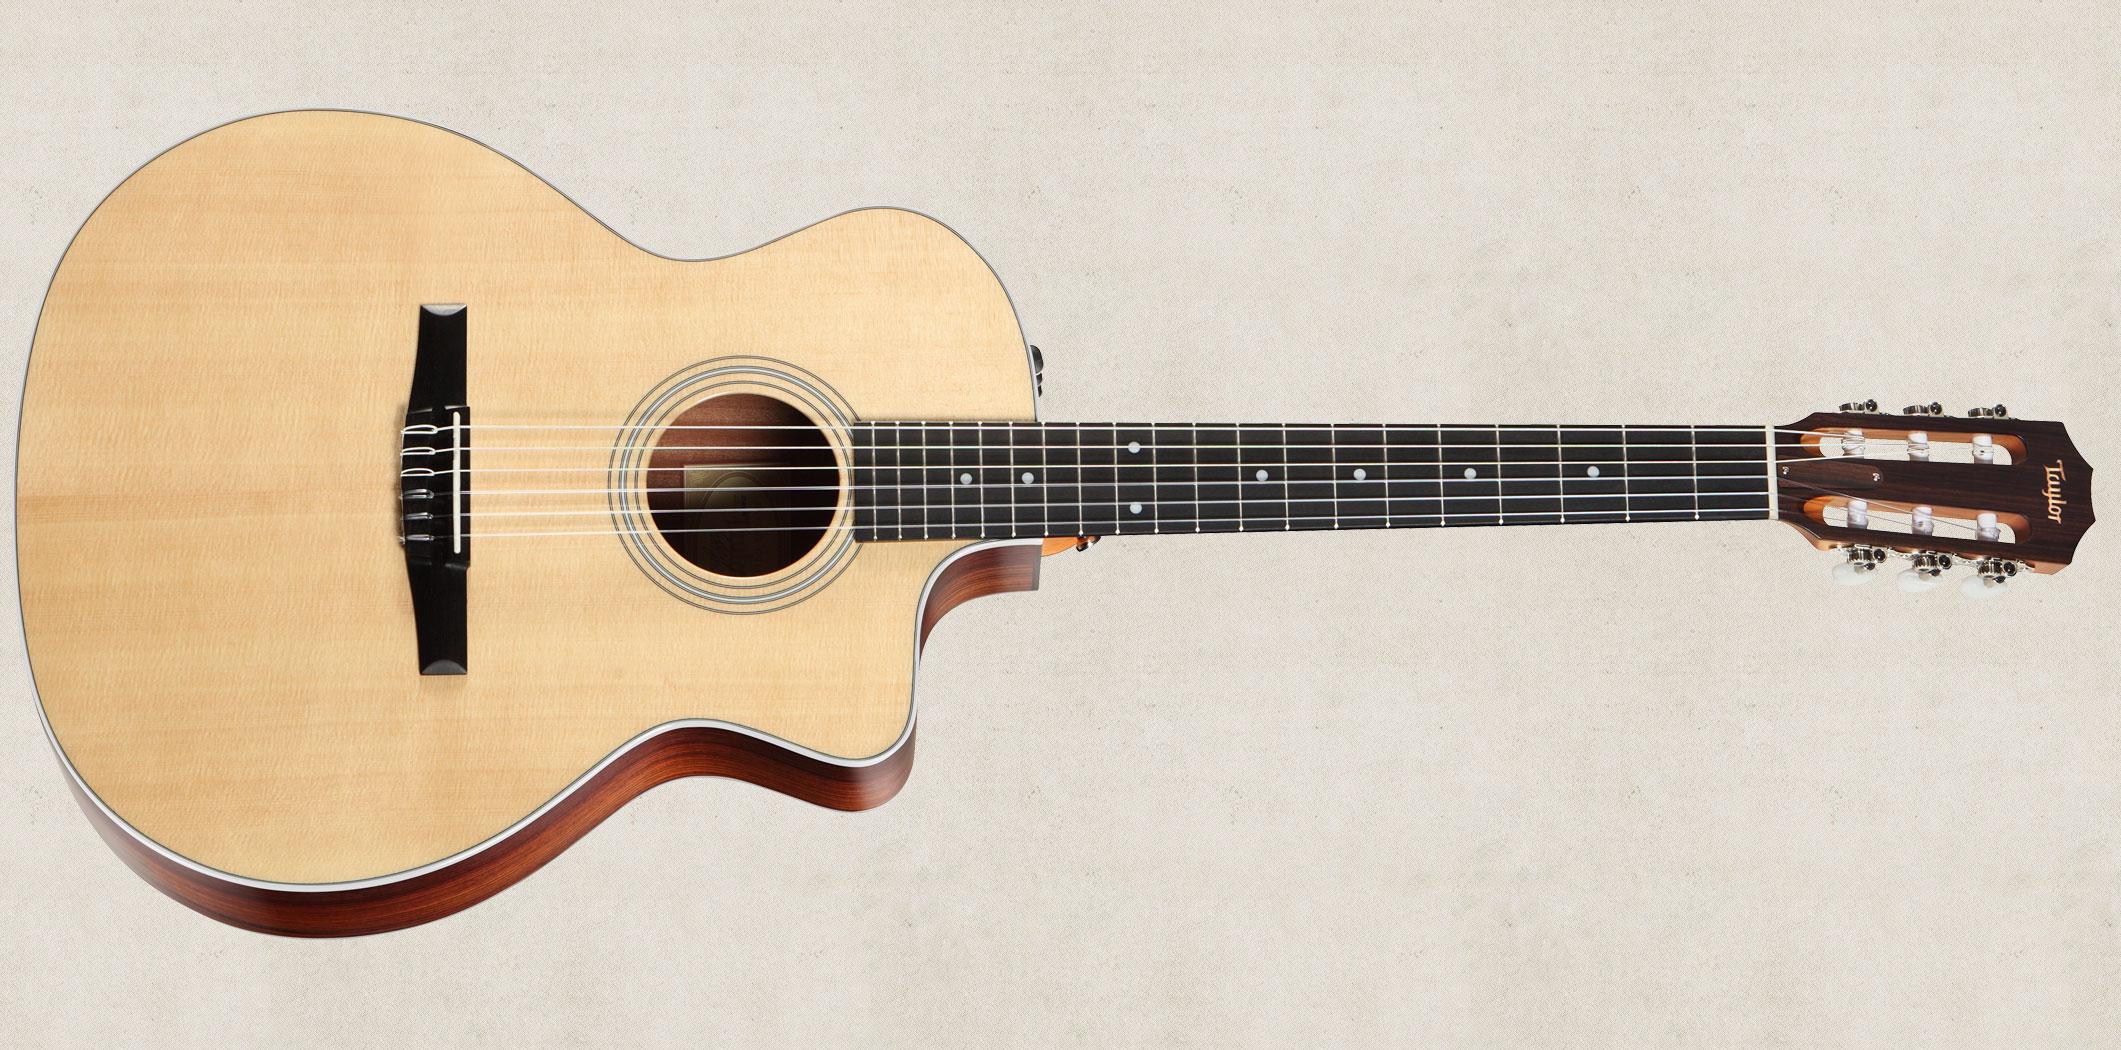 214ce n taylor guitars. Black Bedroom Furniture Sets. Home Design Ideas